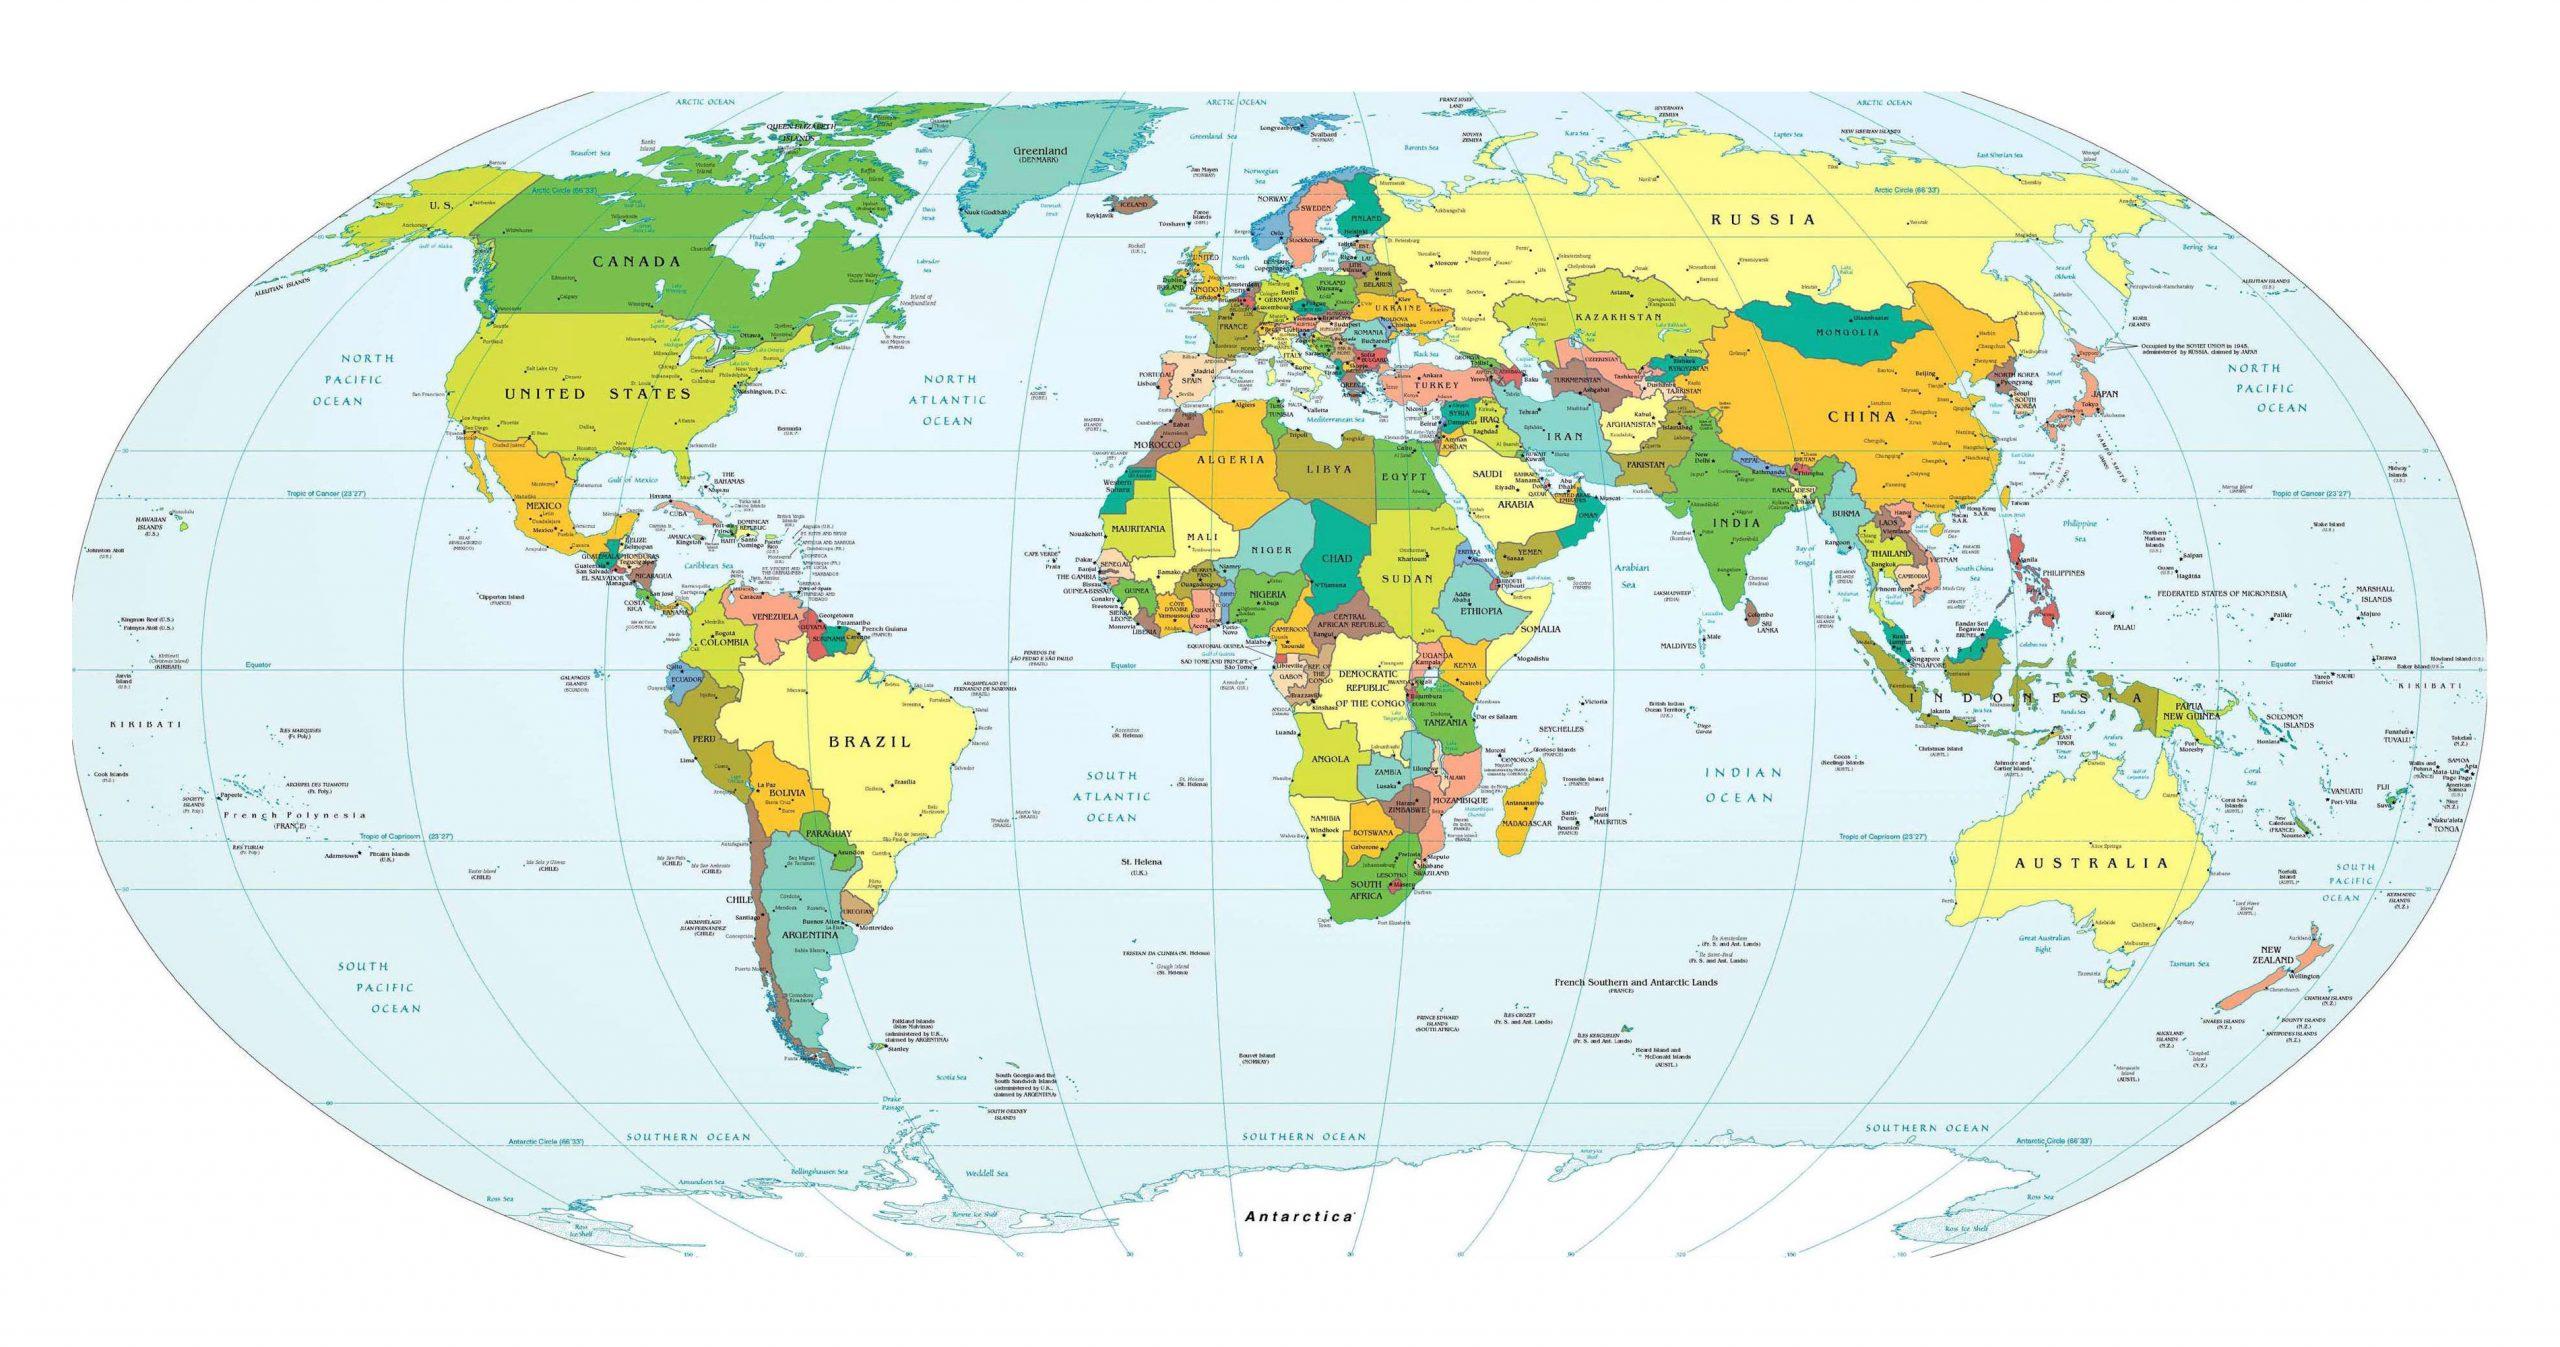 Carte Du Monde Détaillée Avec Pays Et Capitales - Comparatif concernant Carte Europe Avec Capitales